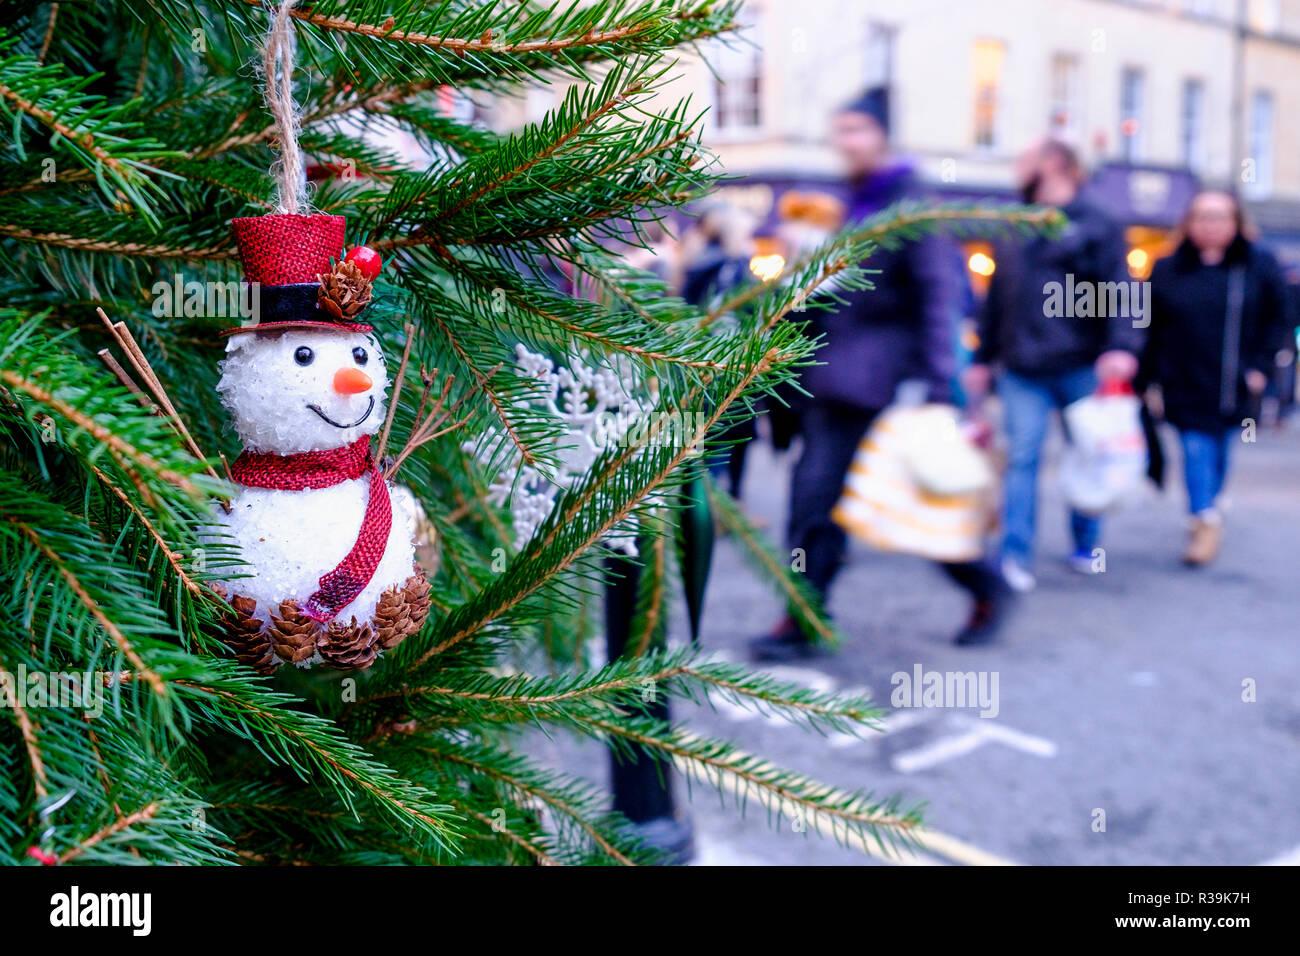 Bad Weihnachten Weihnachten Marktstand Chalets Stockfotos